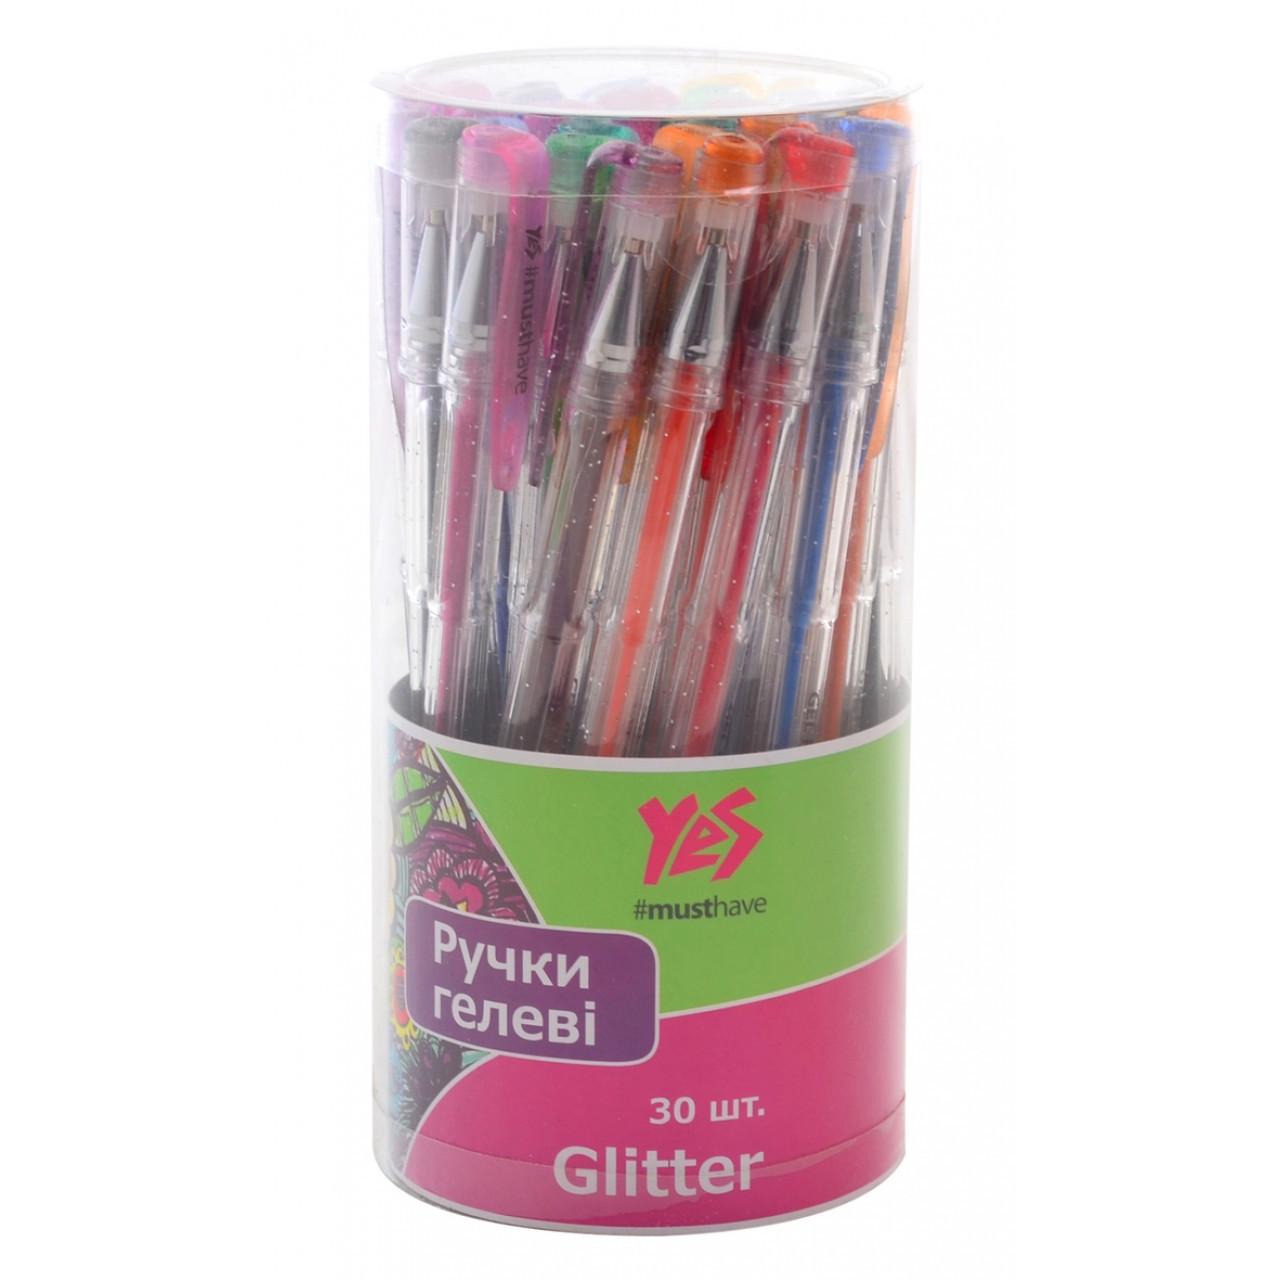 """Ручка гелевая """"Glitter"""" 30 цв./тубус"""